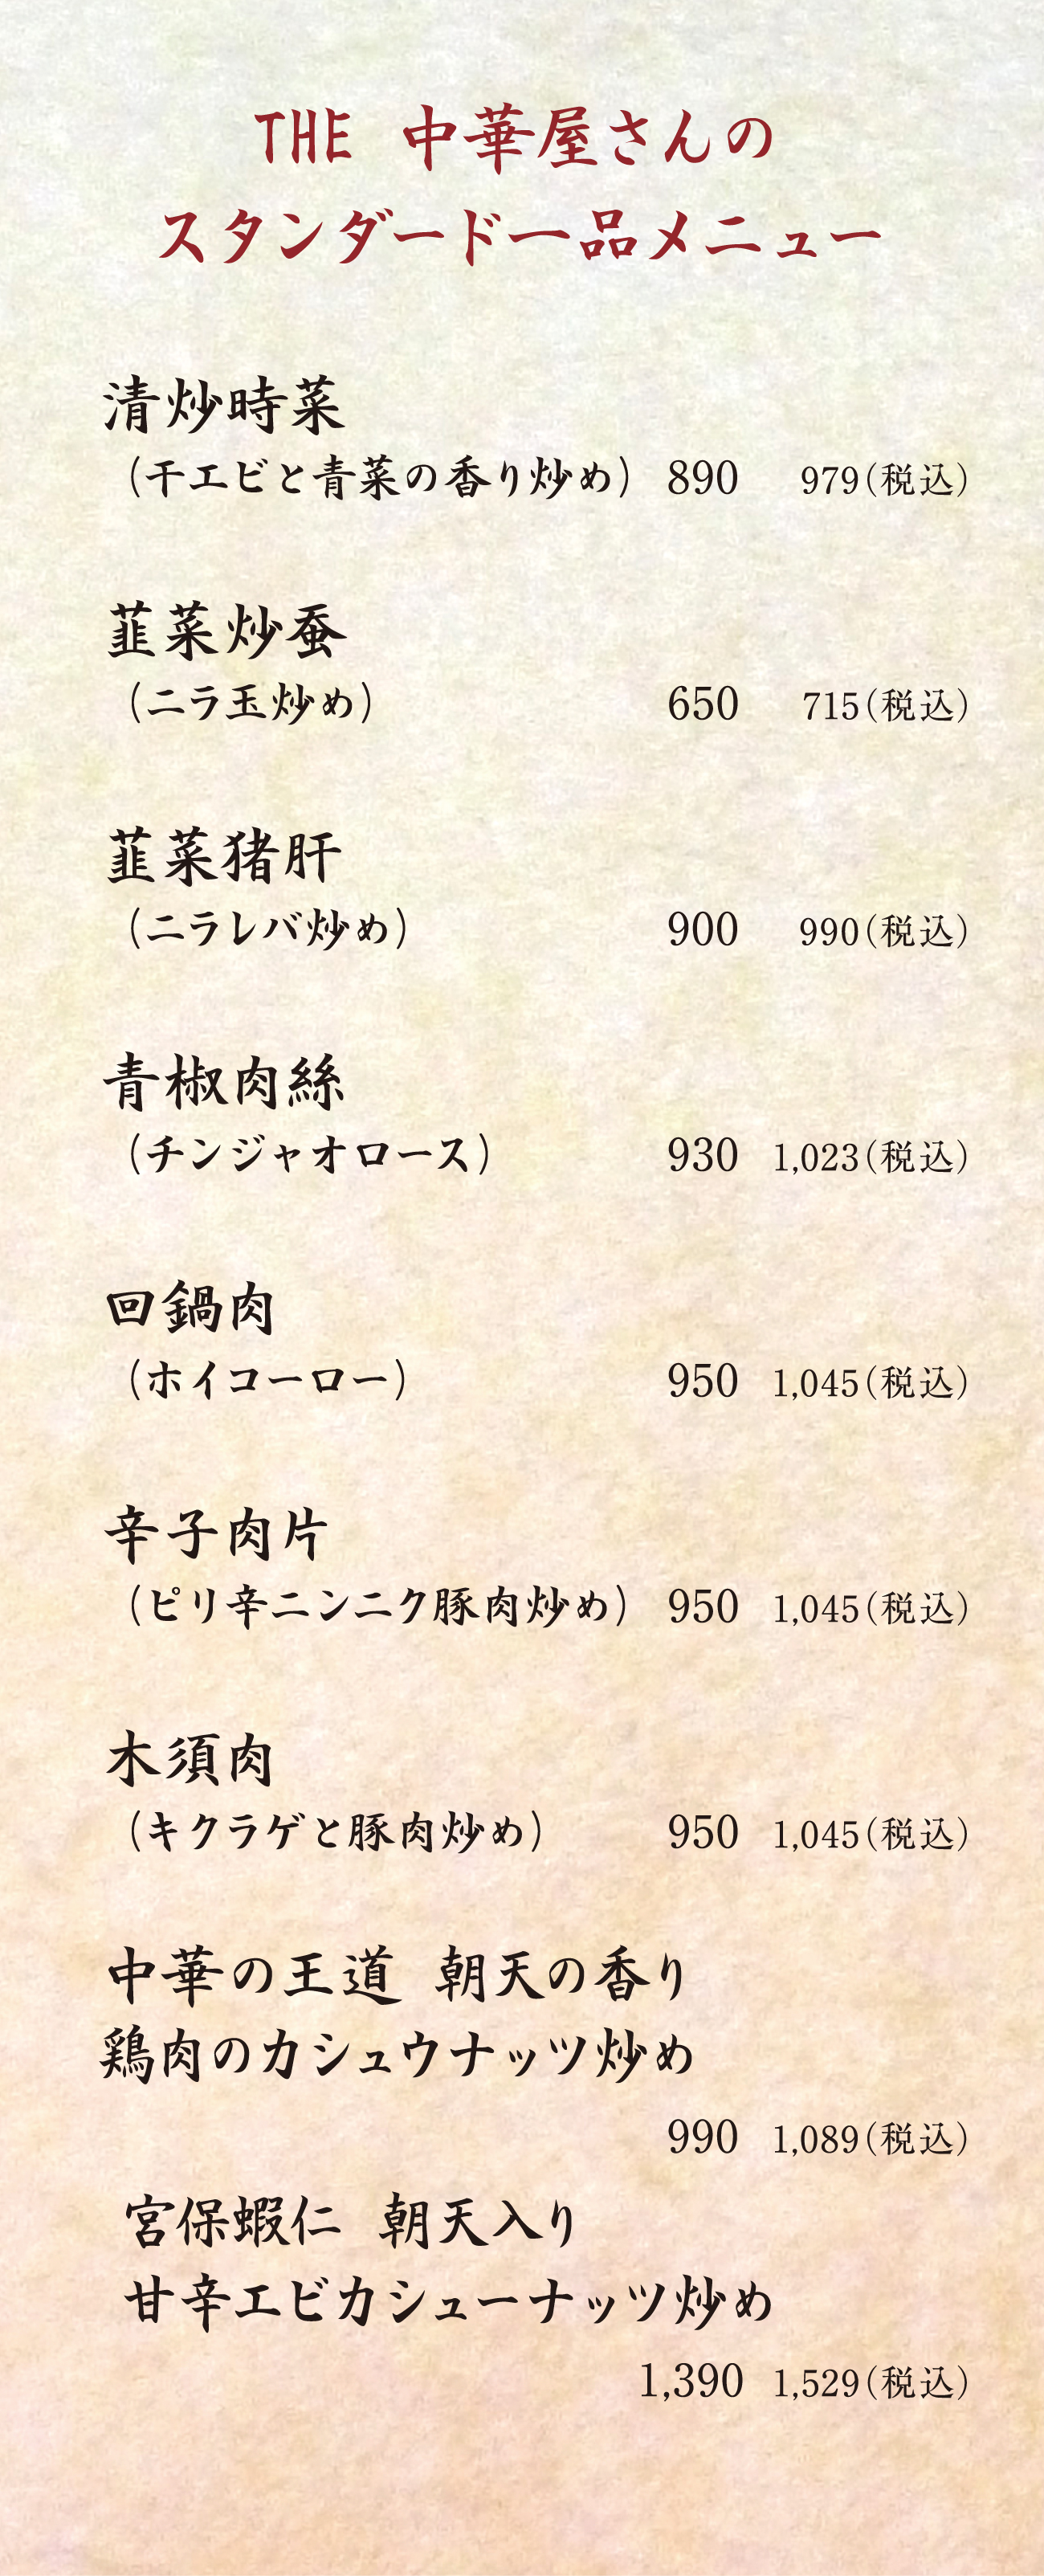 メニュー|松本市の中国料理・中華料理「九龍」